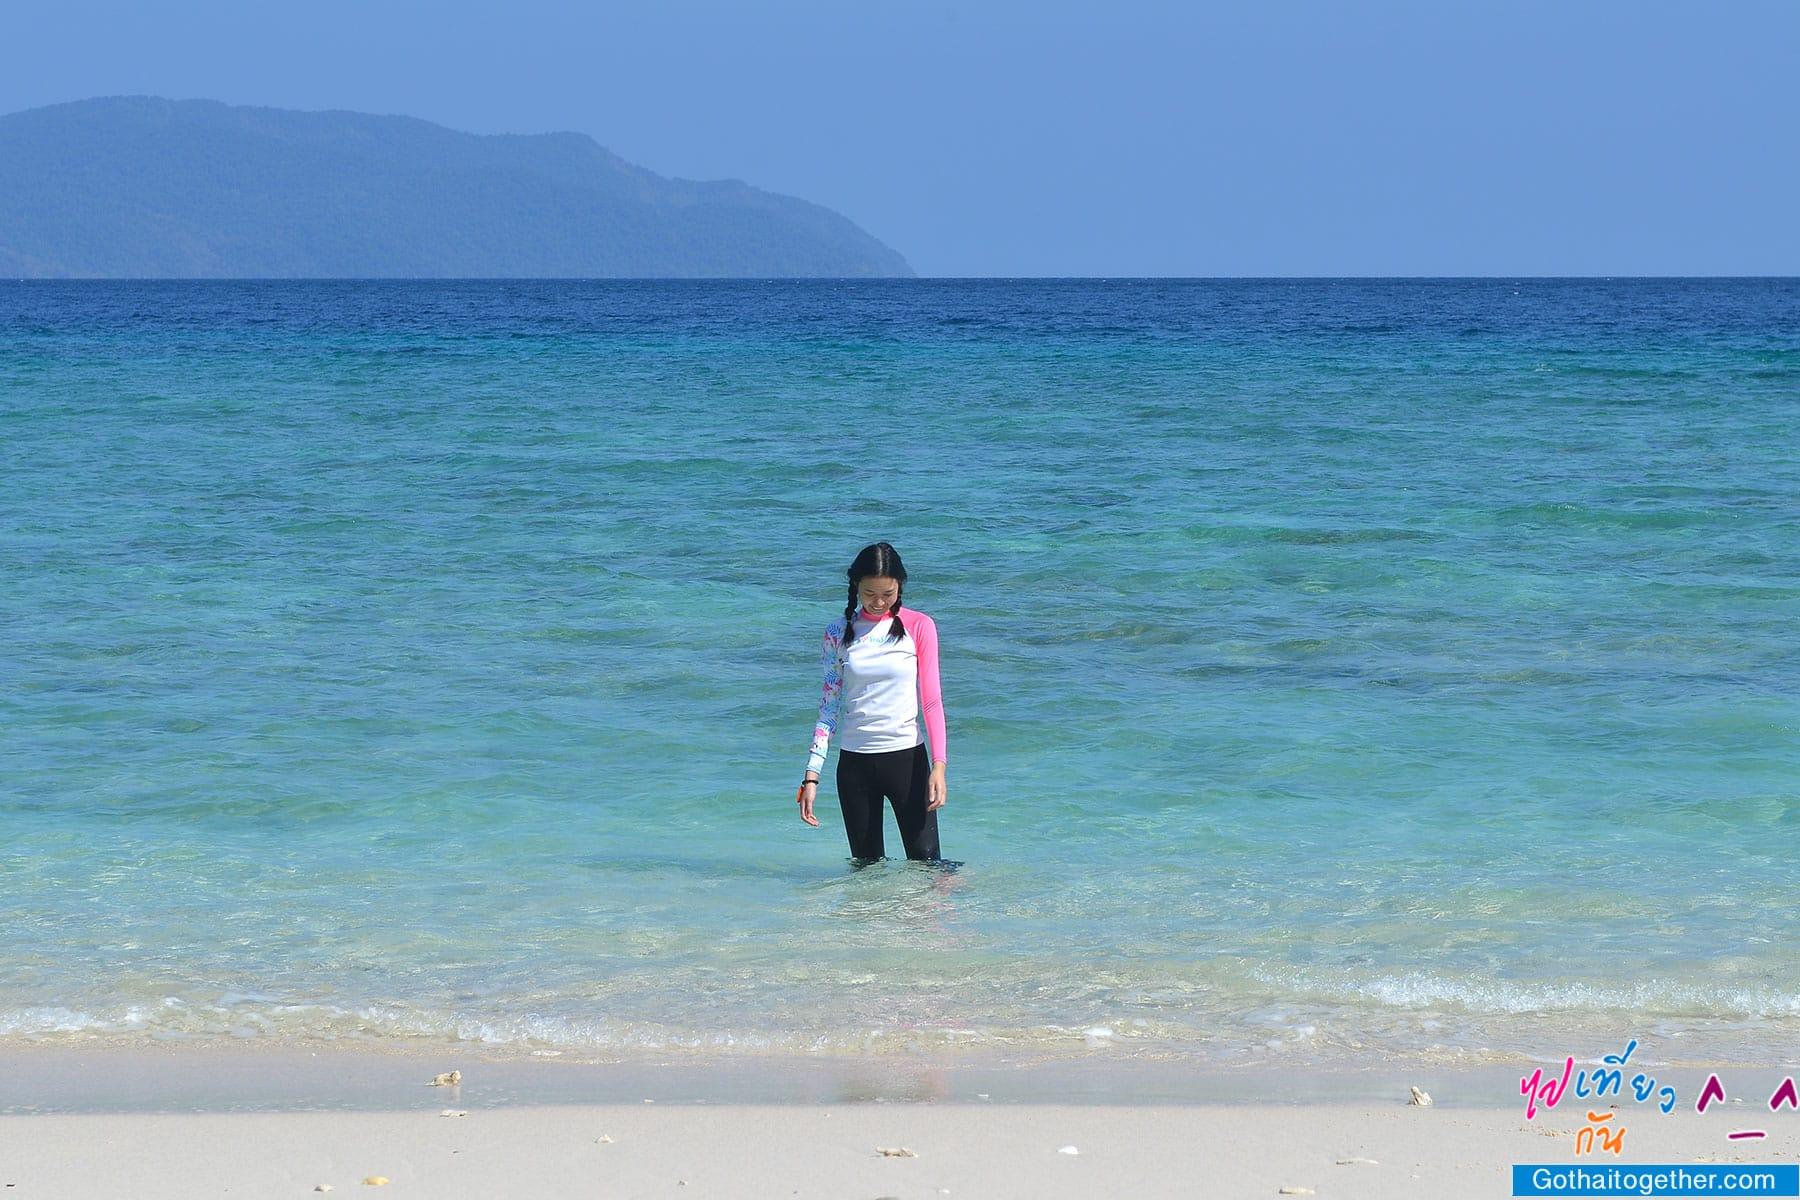 เกาะบรูเออร์ โลกใต้ทะเล สดใหม่ อันสวยงาม สายดำน้ำควรต้องมาเช็คอิน 46